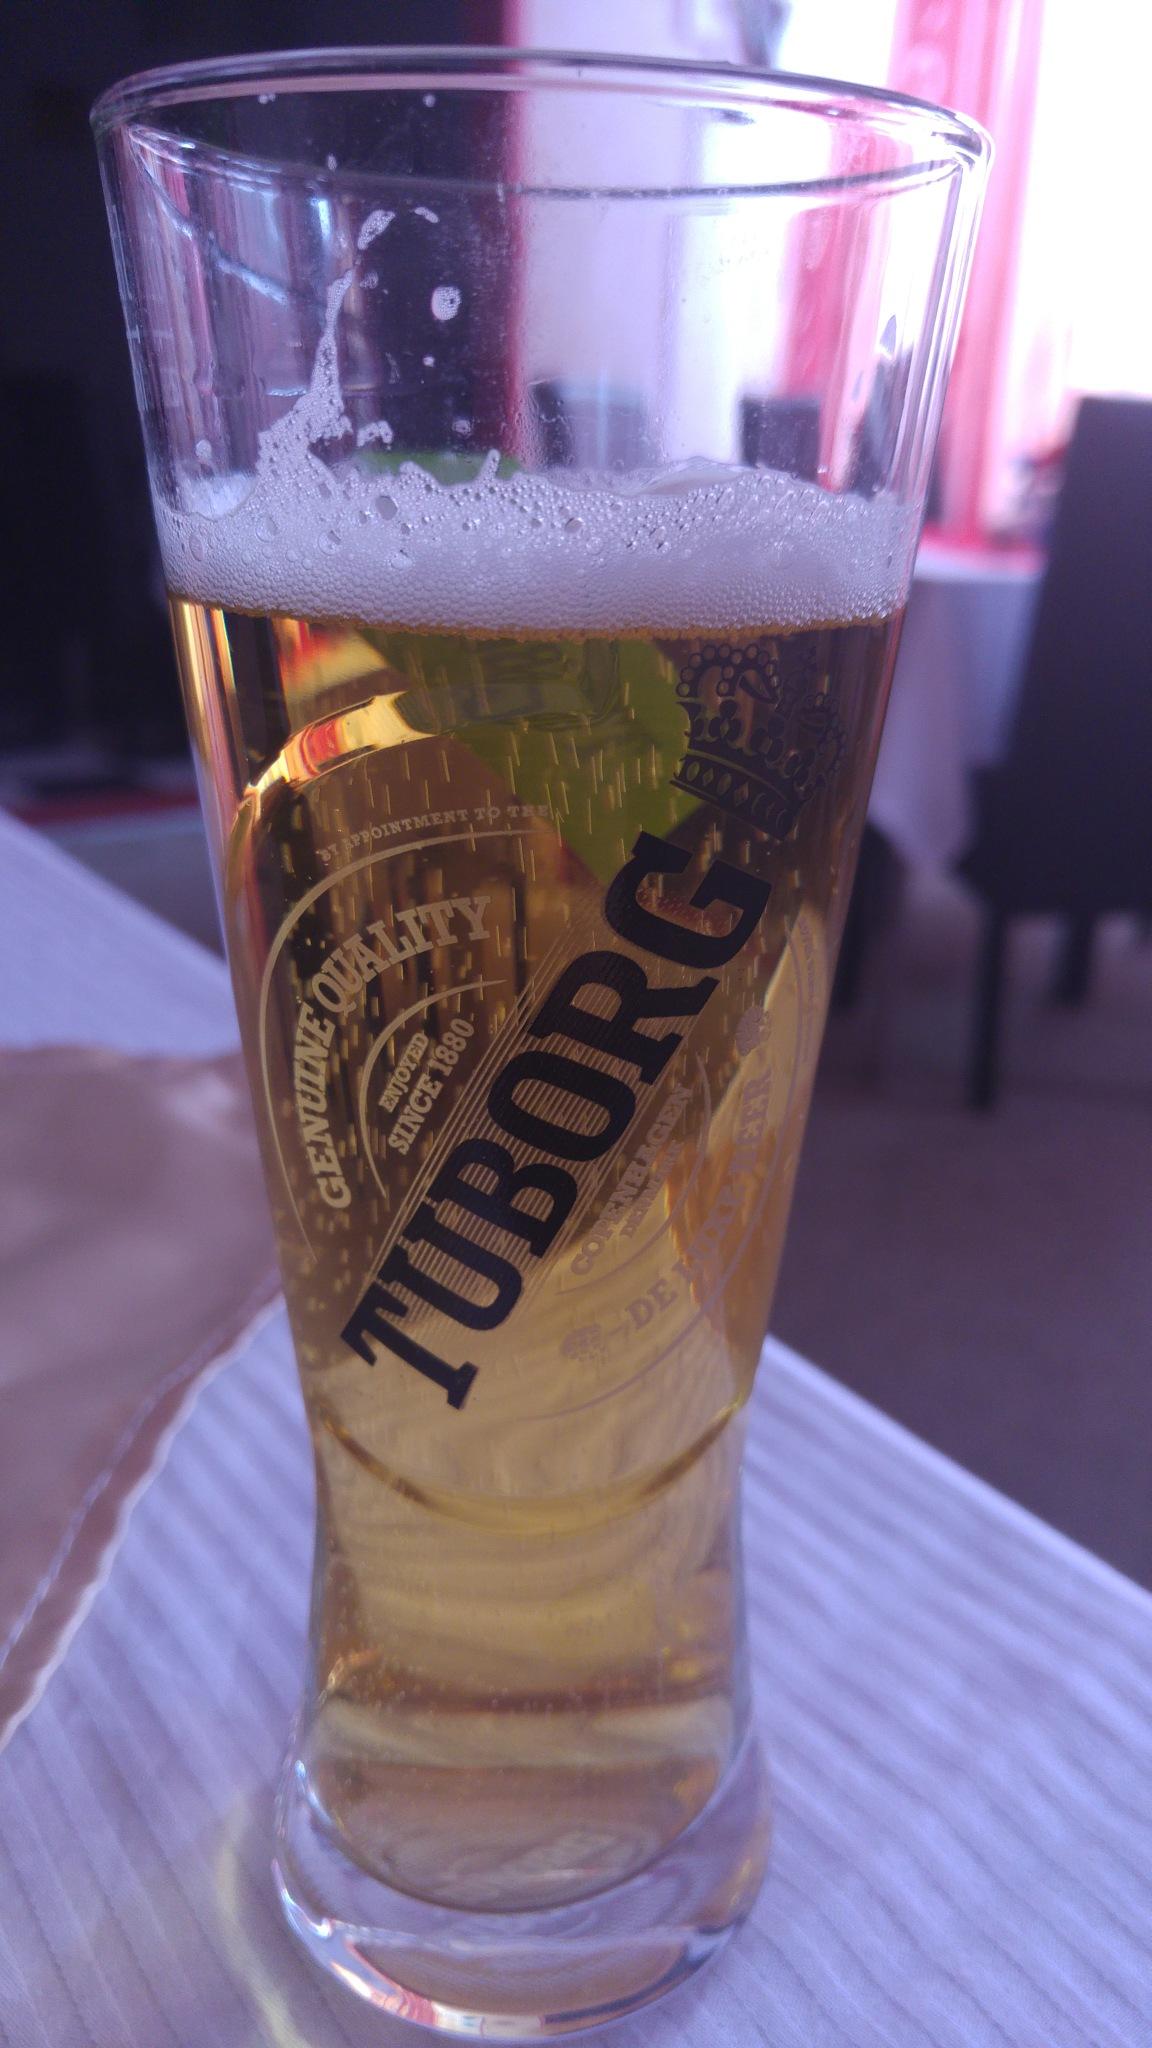 Beer by George